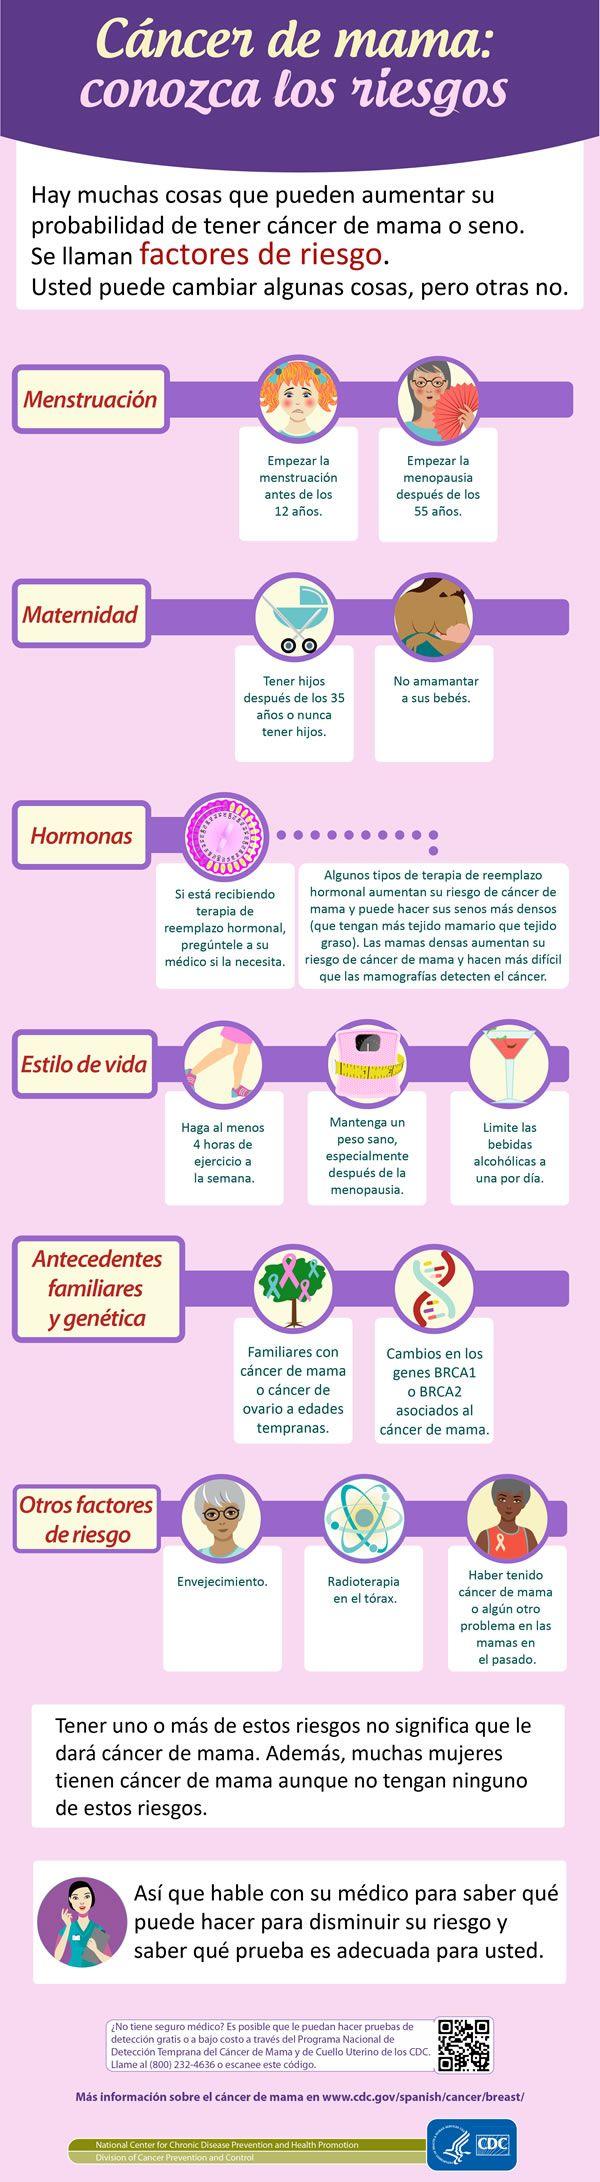 Hay muchas cosas que pueden aumentar su probabilidad de tener cáncer de mama o seno. Se llaman factores de riesgo.